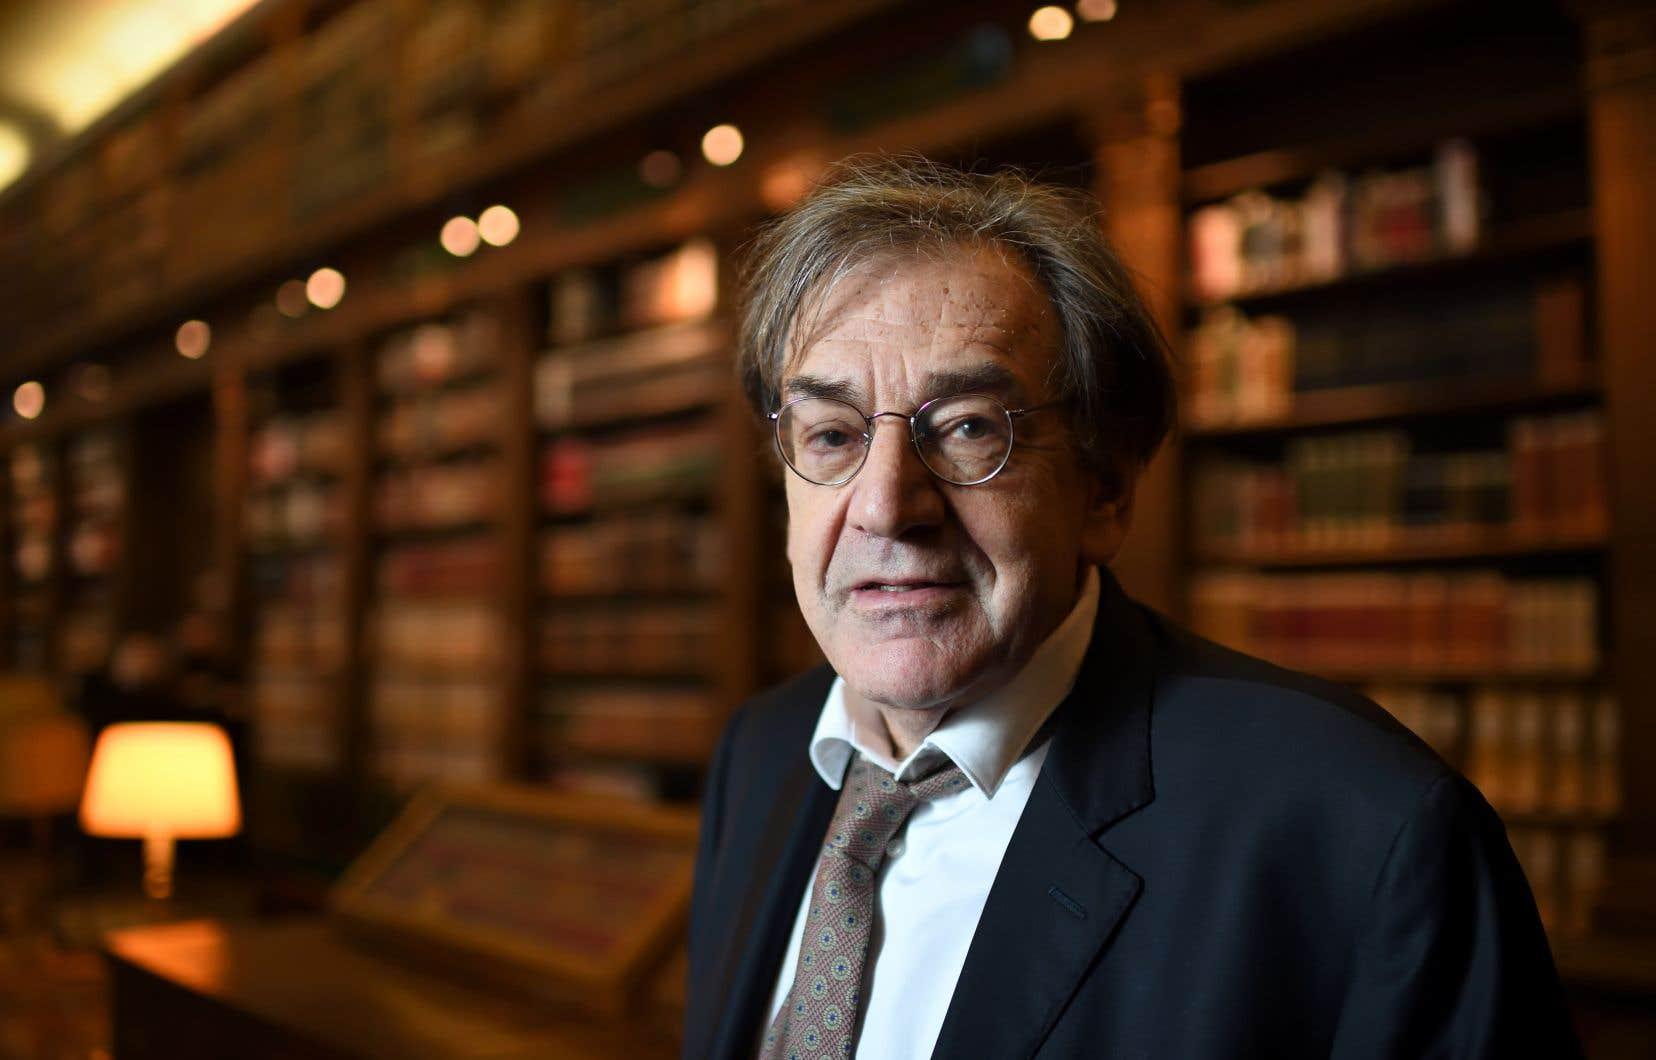 Le philosophe Alain Finkielkrauta d'abord accueilli avec bienveillance le mouvement des gilets jaunes, avant d'en critiquer l'évolution.